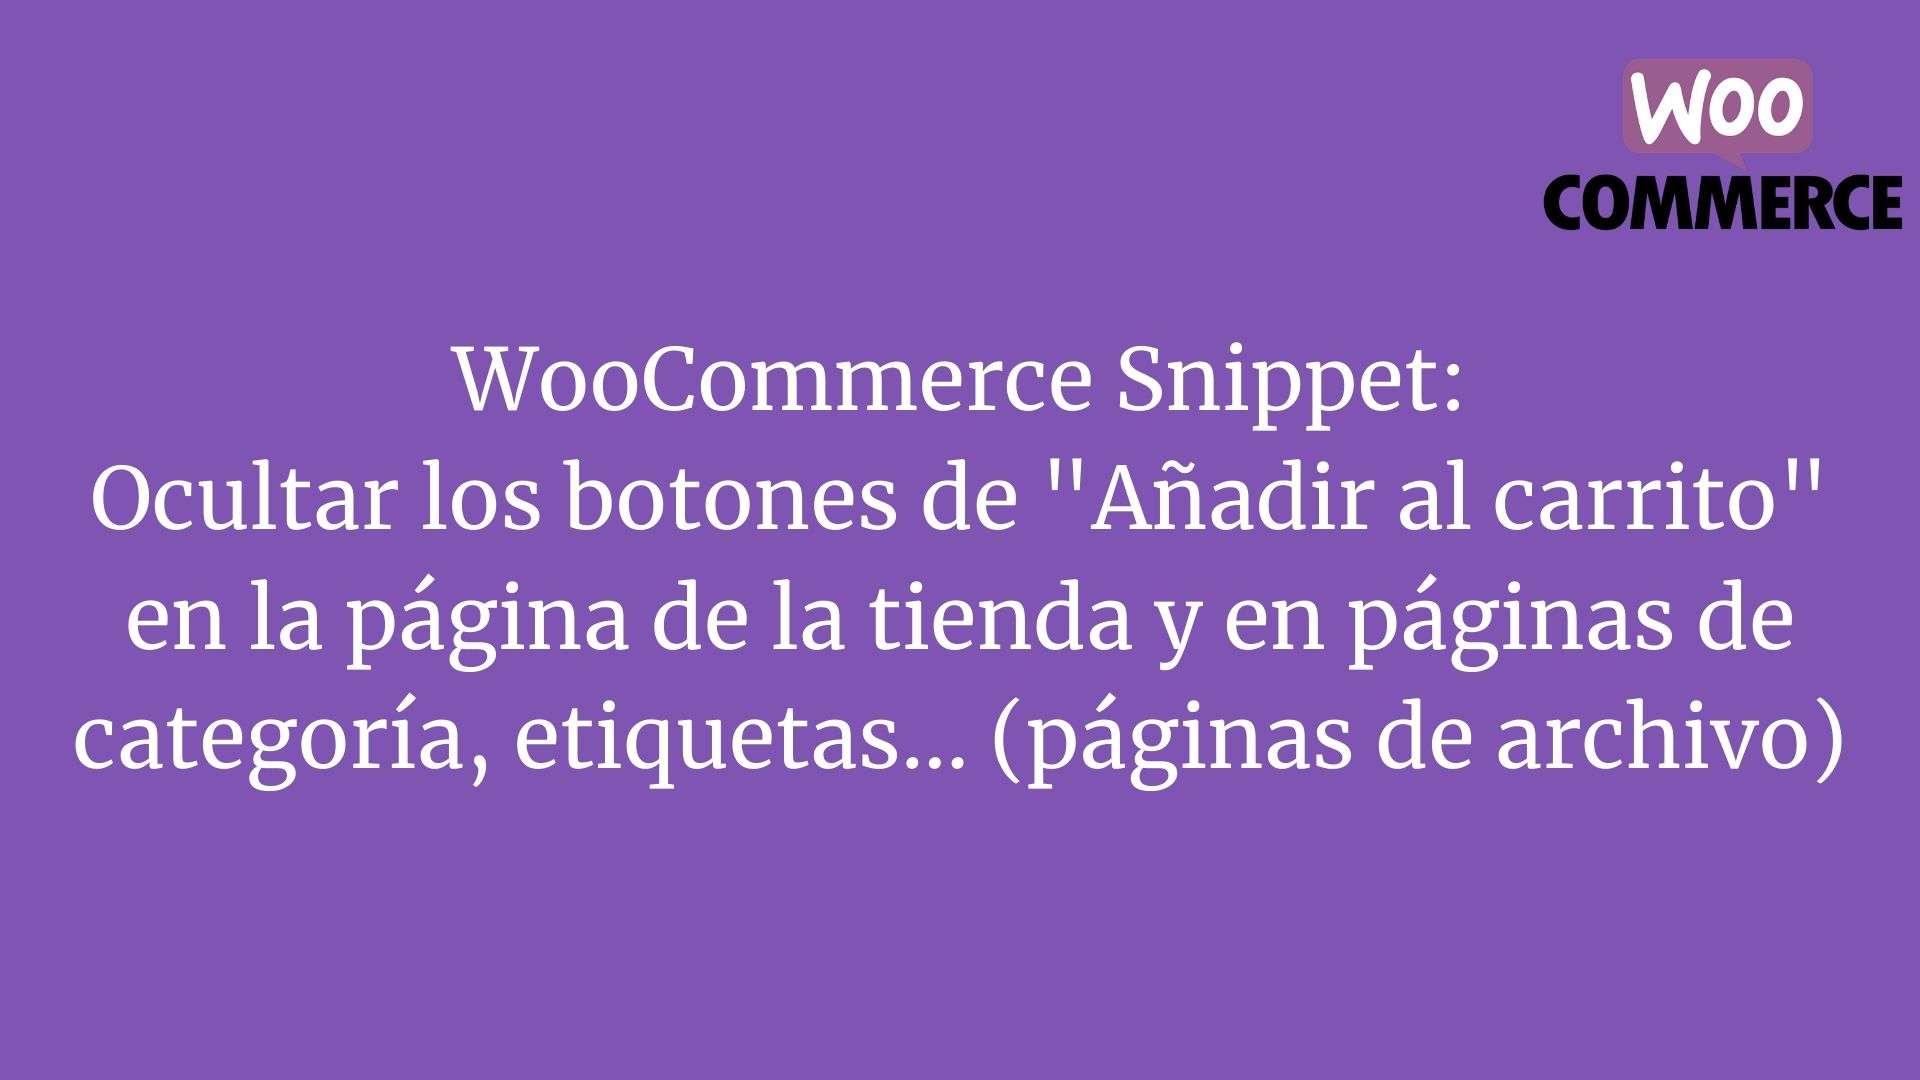 """WooCommerce Snippet: Ocultar los botones de """"Añadir al carrito"""" en la página de la tienda y en páginas de categoría, etiquetas... (páginas de archivo)"""